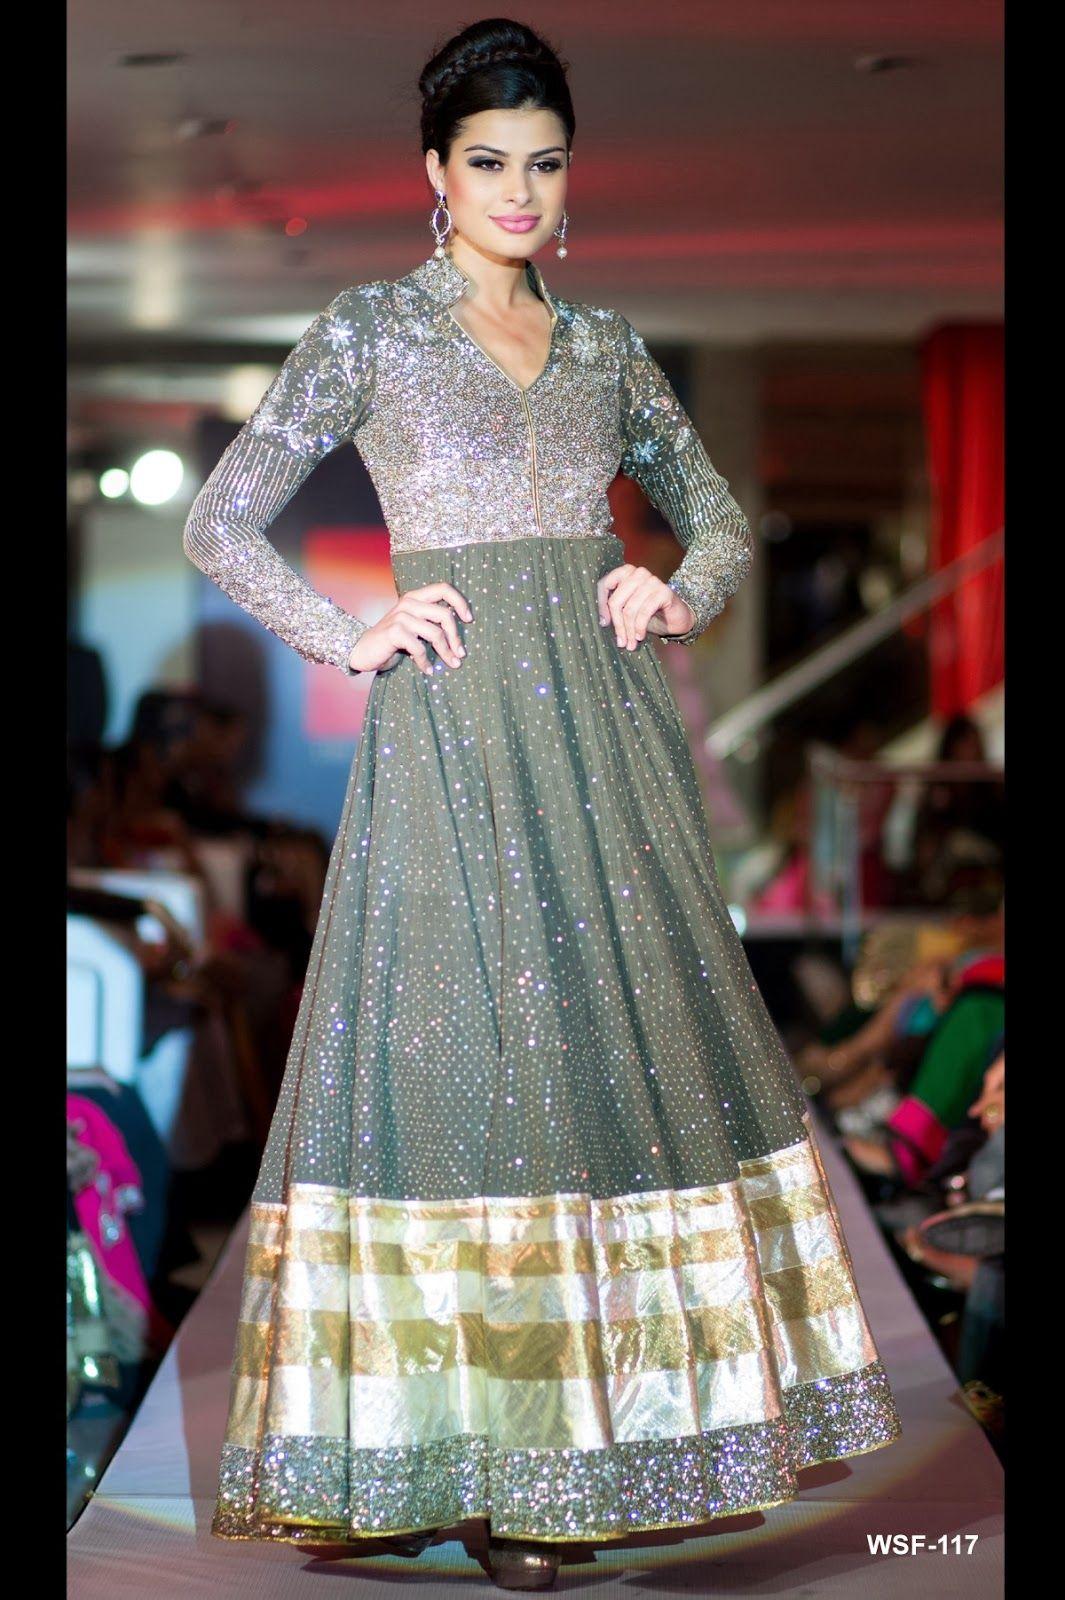 Neerus Fashion Show Collection - Earth toned #salwaar kameez